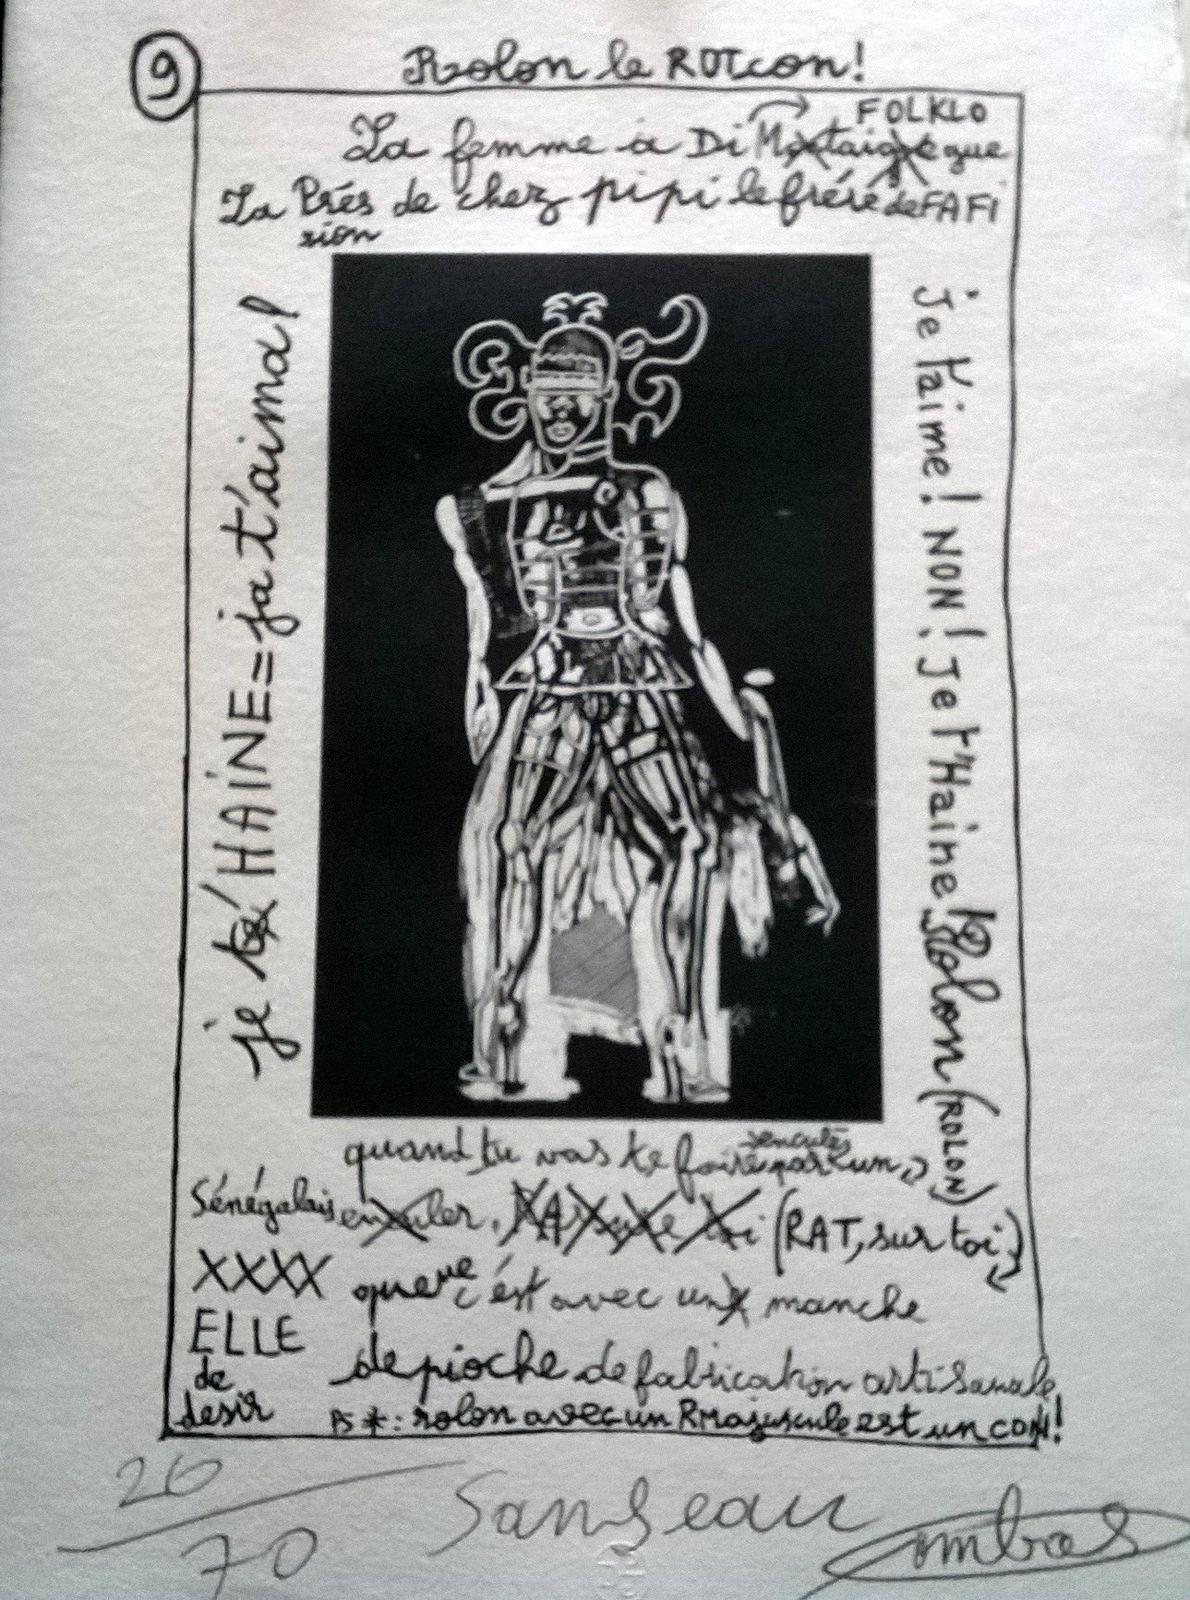 Estampe signée par l'artiste - 59,5 x 35 cm